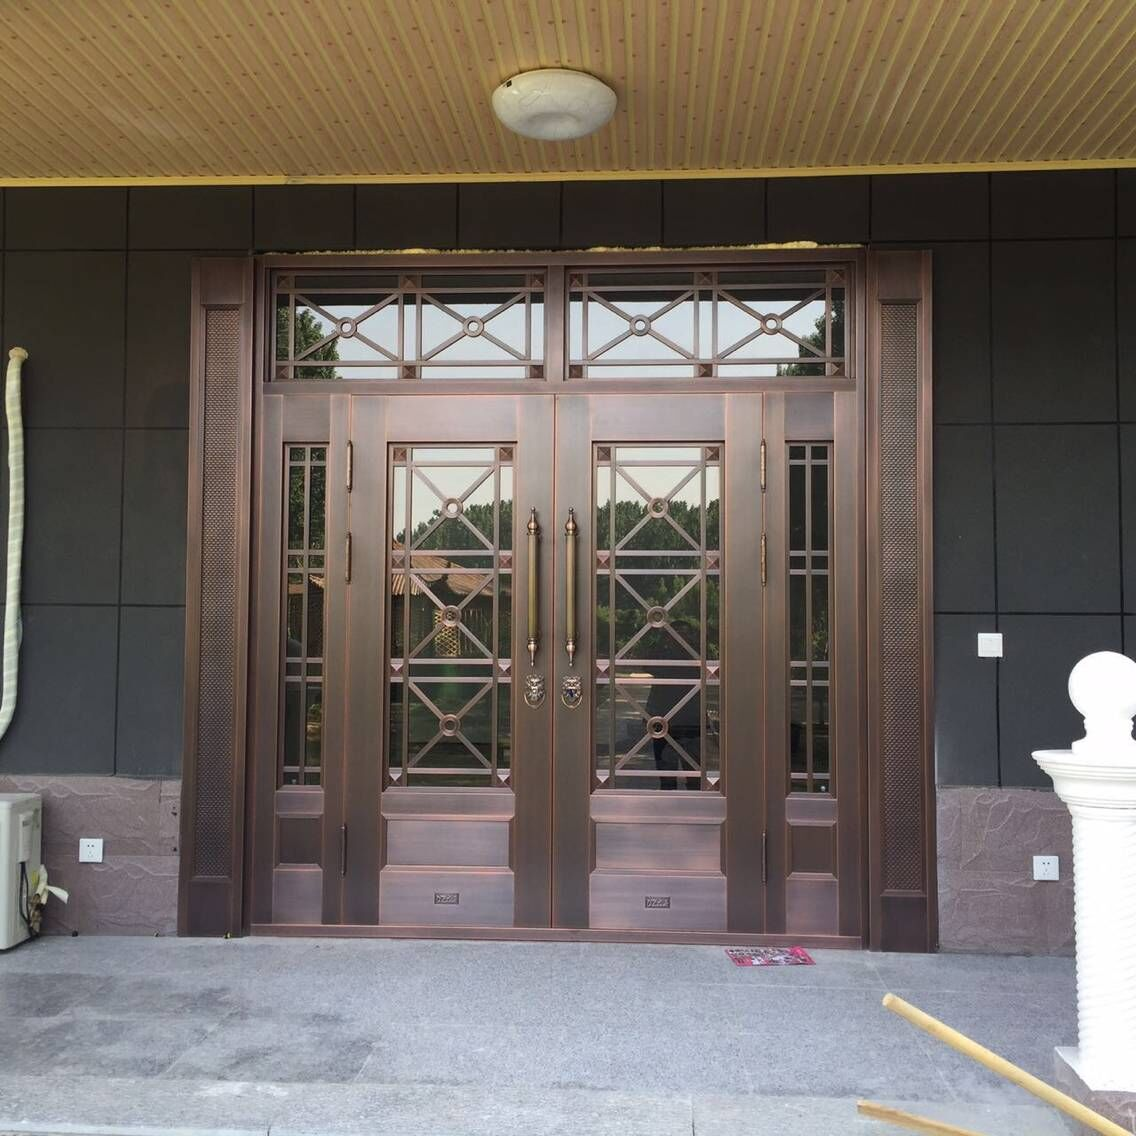 青岛玻璃铜门厂家成功案例-唐岛金湾别墅玻璃铜门